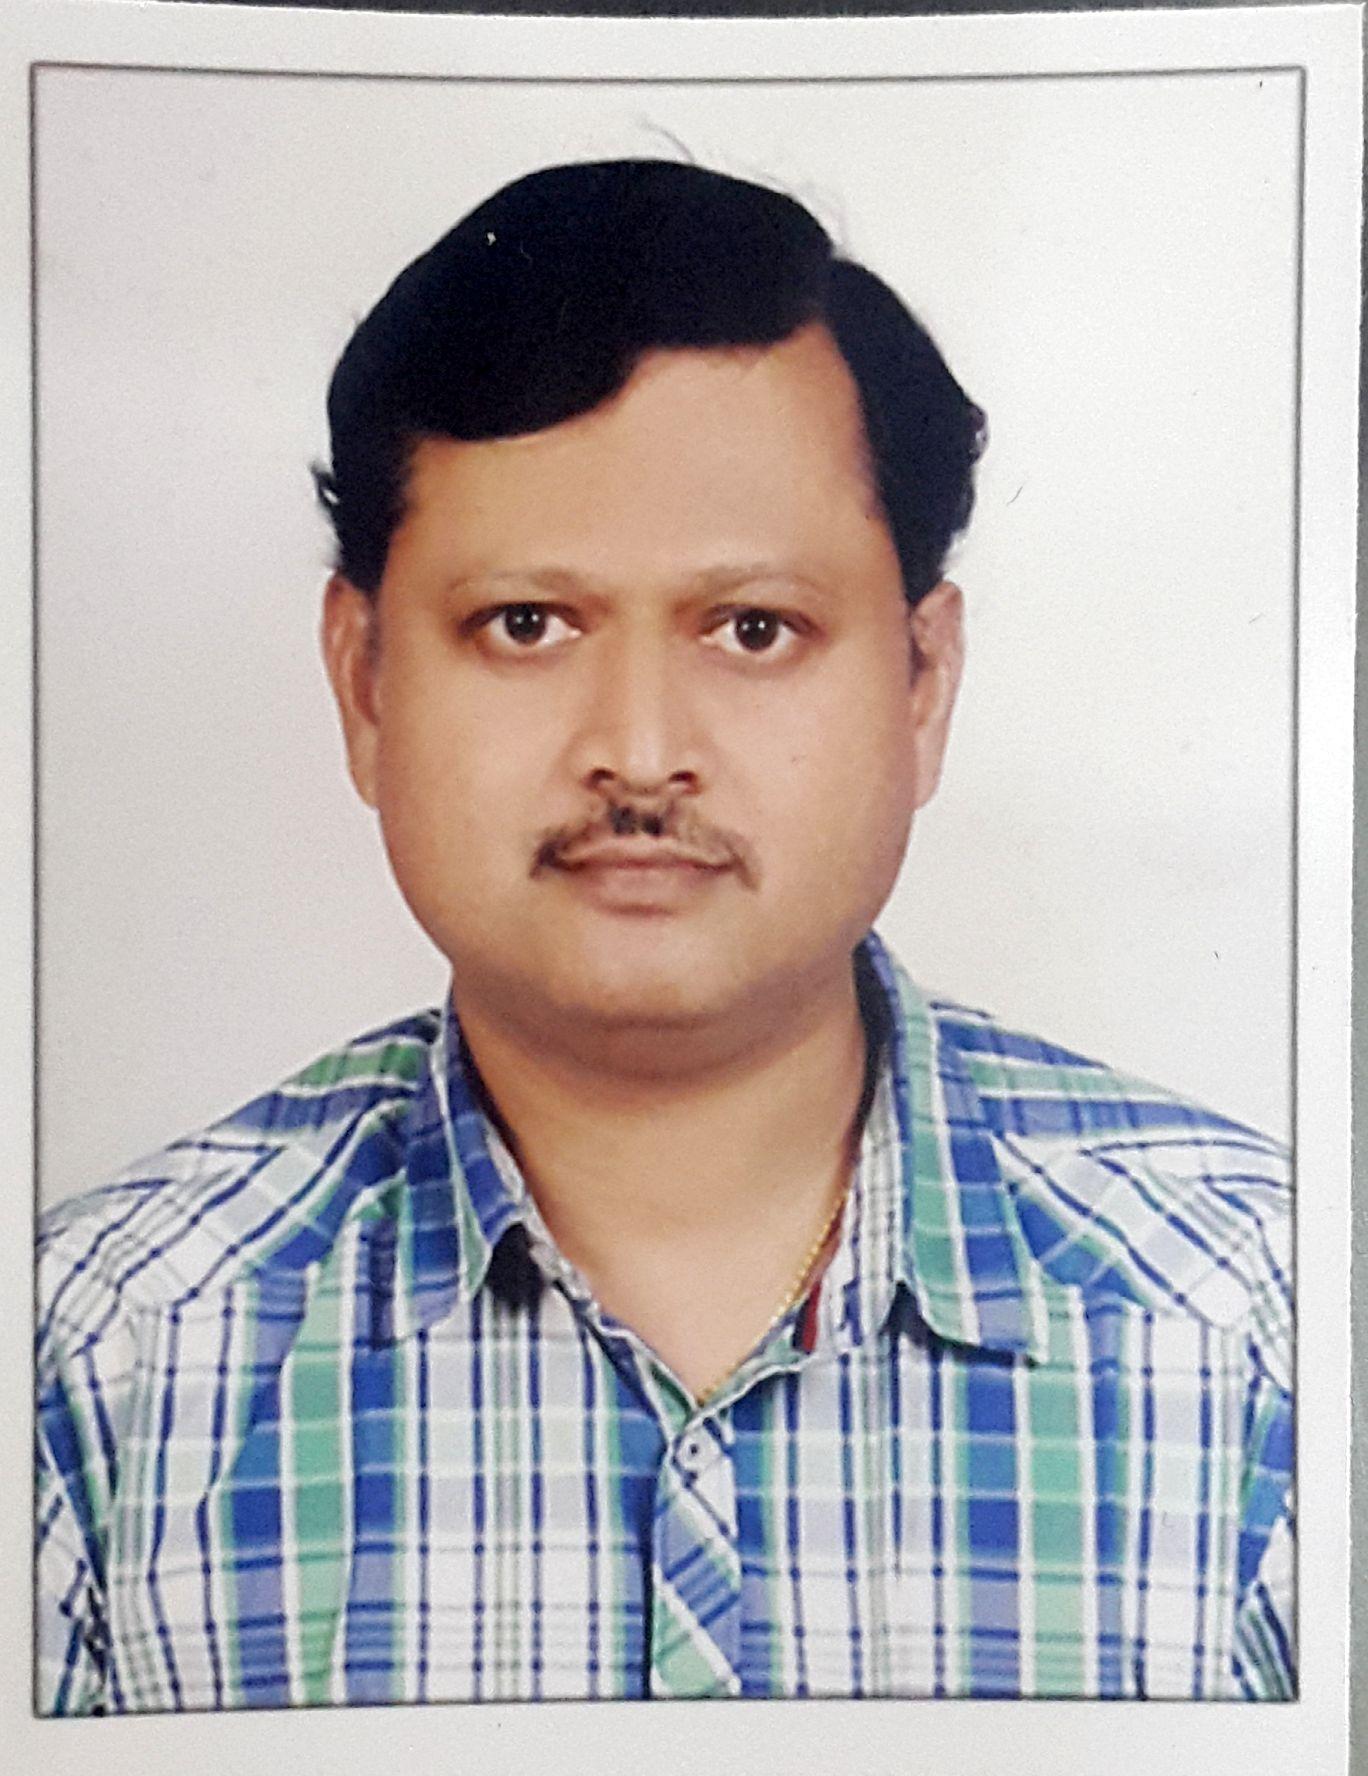 Vinayaka Vishnu Raje